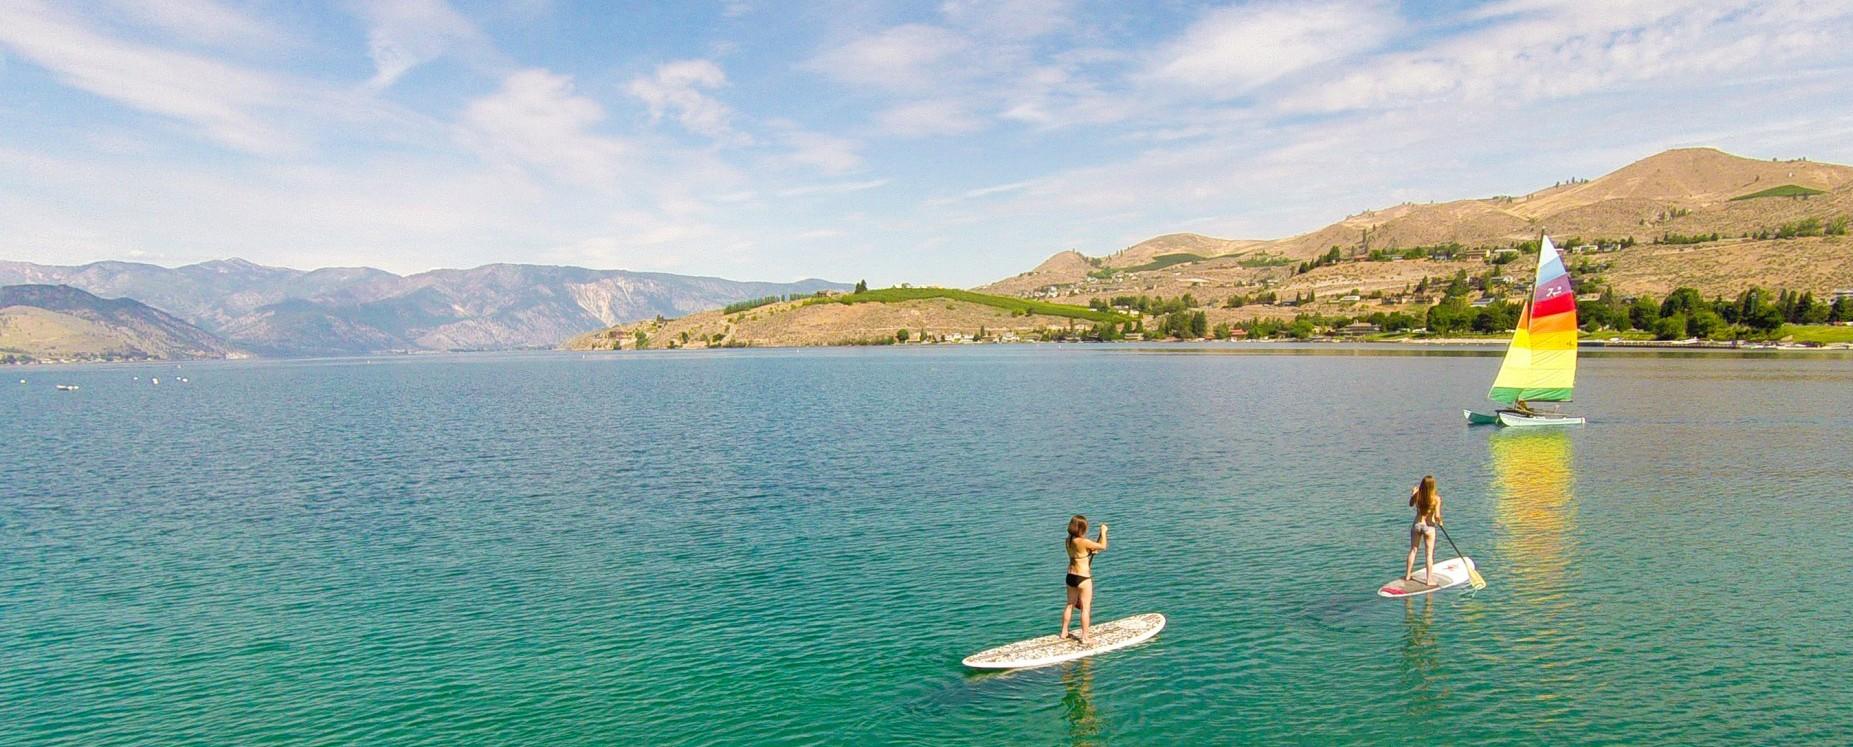 Summer in Lake Chelan